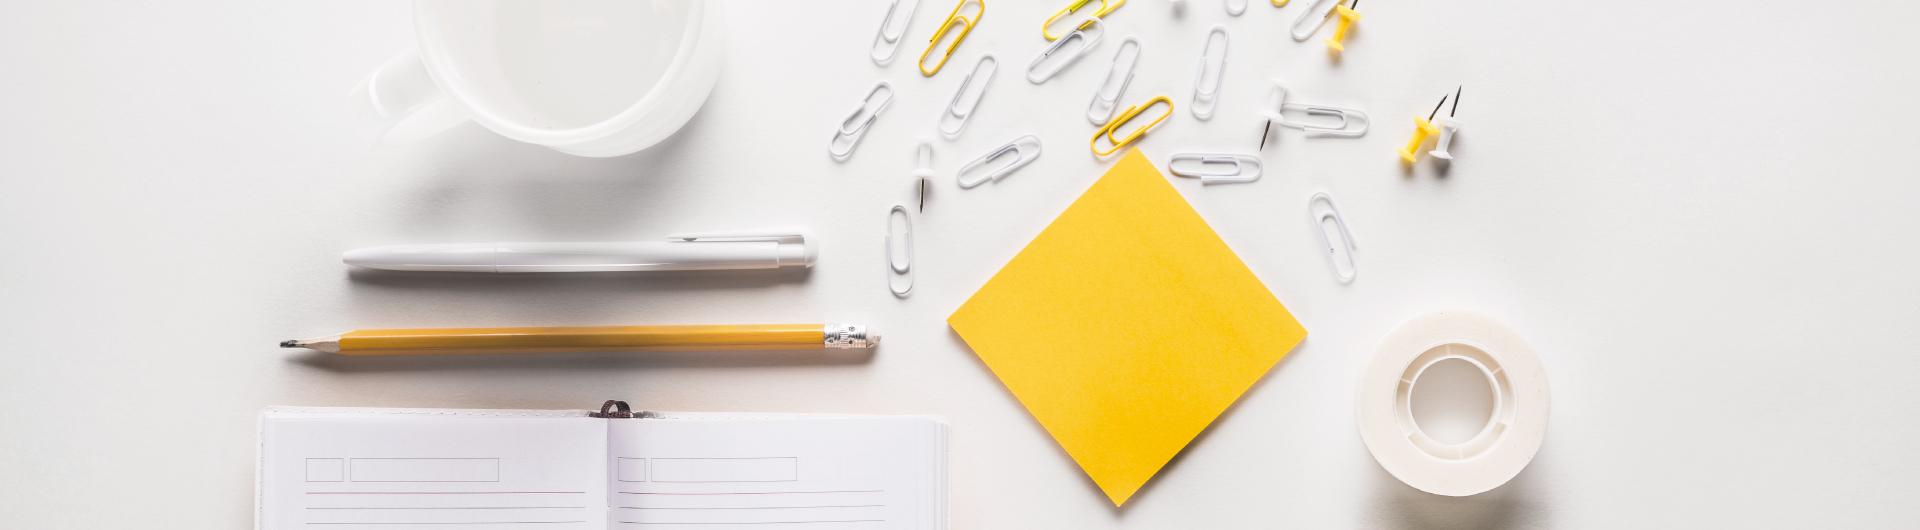 Magíster en Educación Mención en Políticas Educativas o Dirección Proyectos Educativos